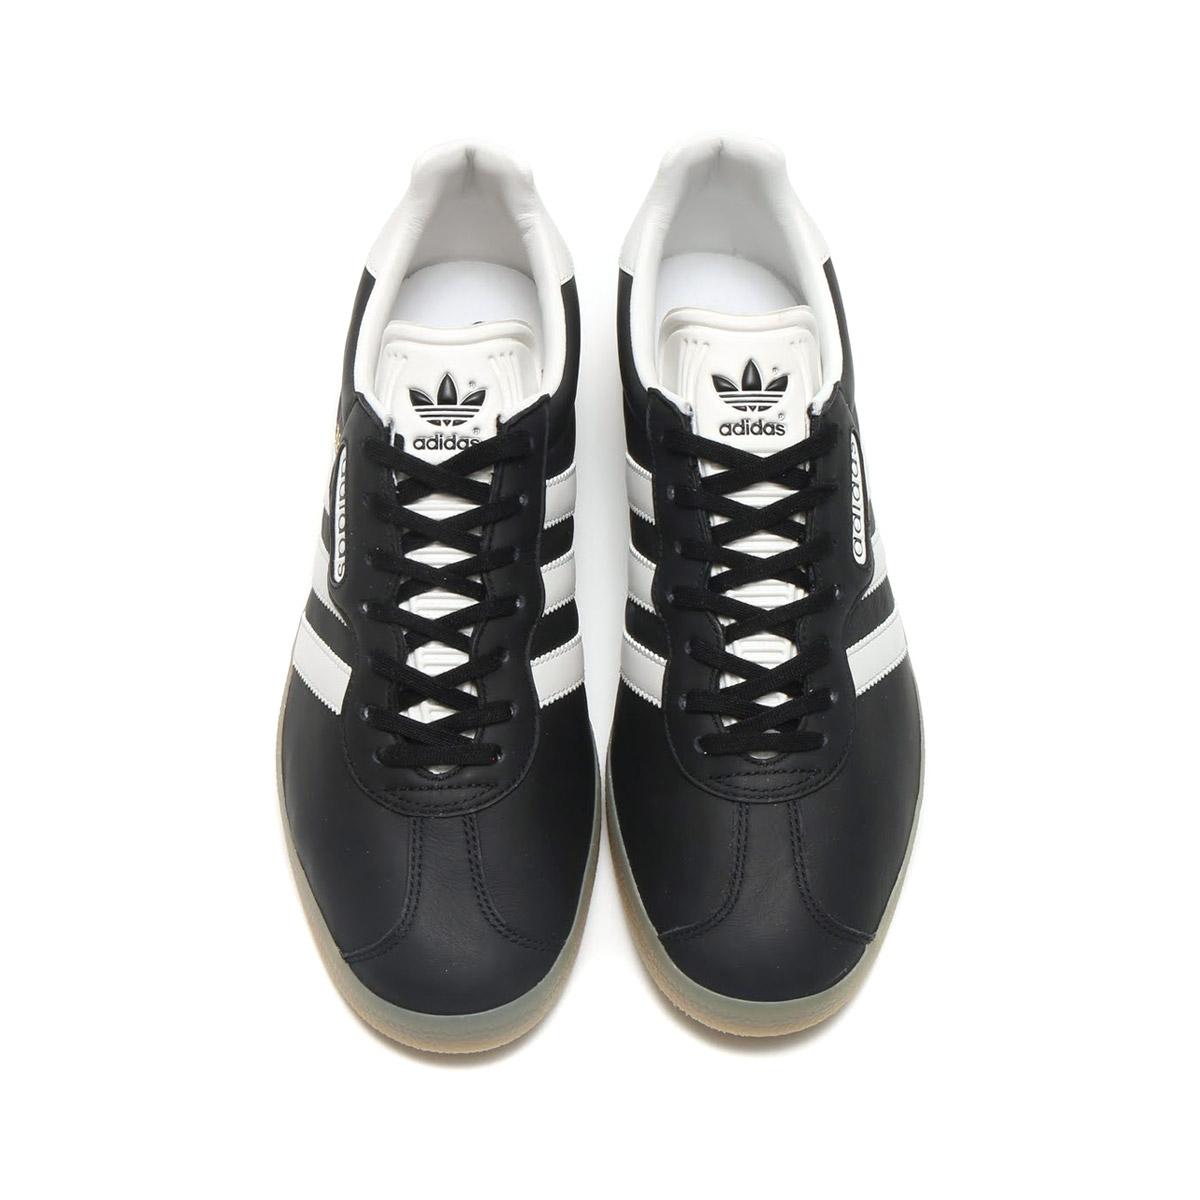 a986ee03be6500 adidas Originals GAZELLE SP (Adidas gazelle SP) (Core Black Vintage White  S15 Gum4)